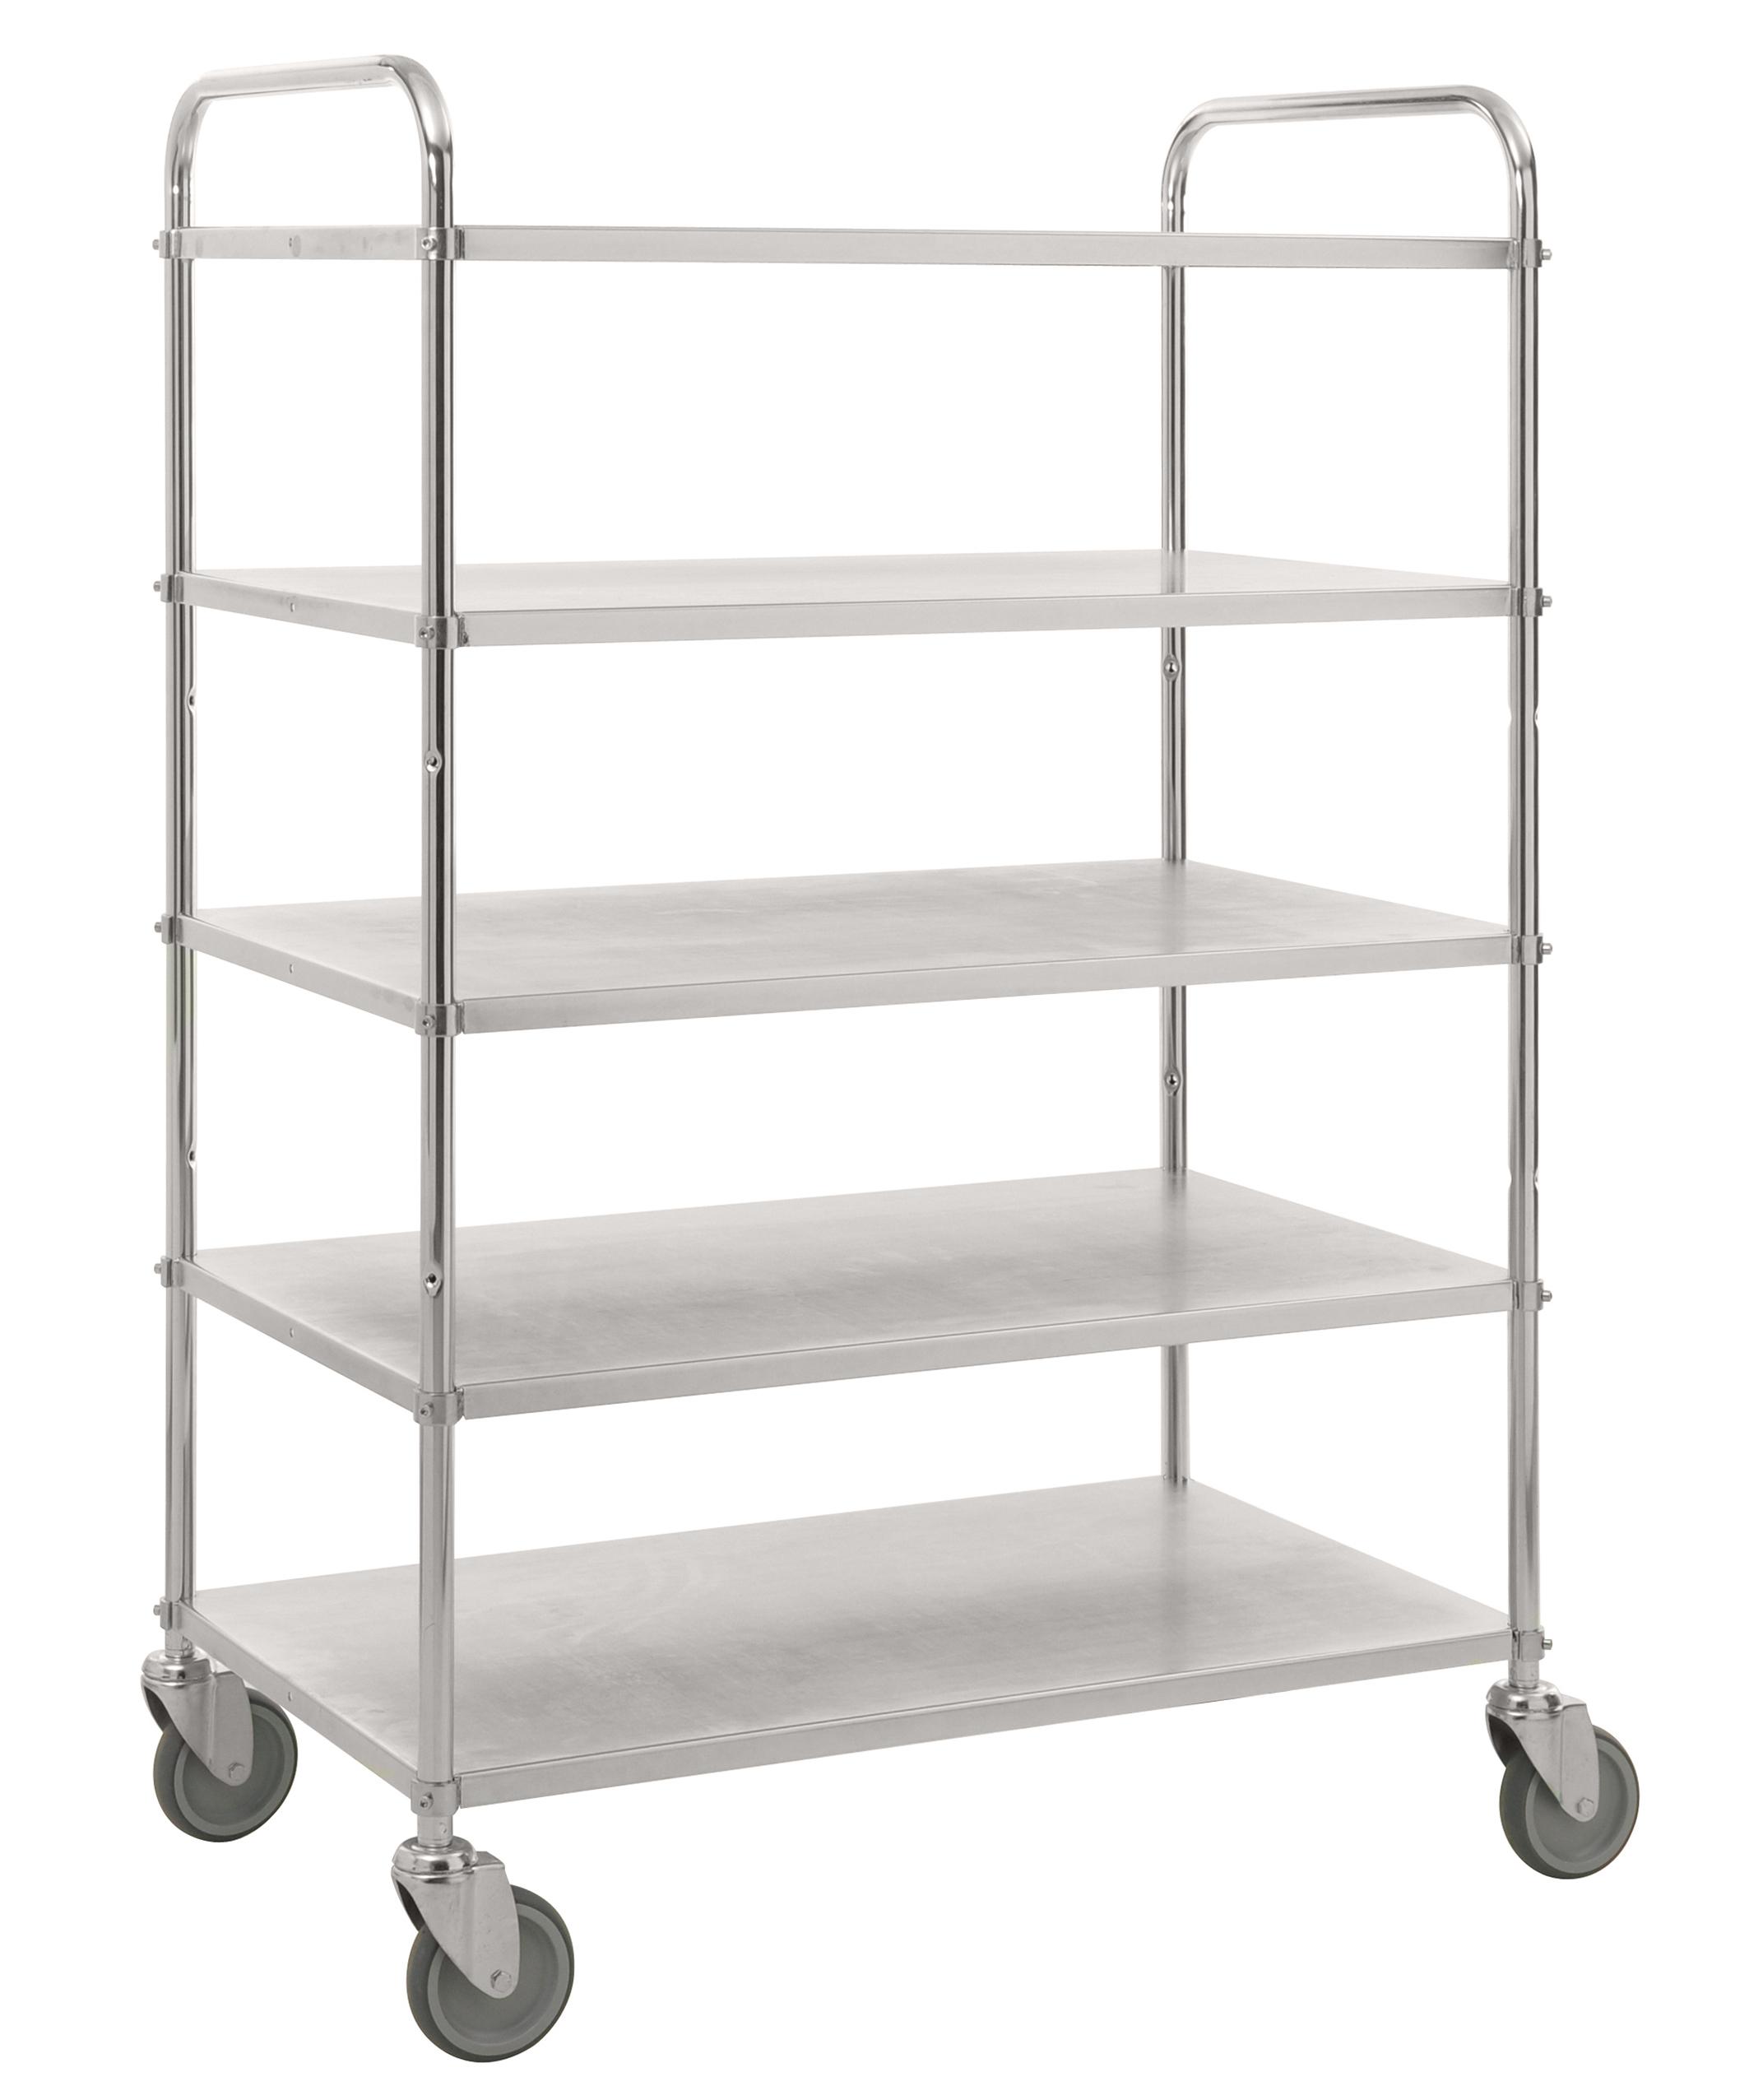 Light shelf trolley KM4124-E